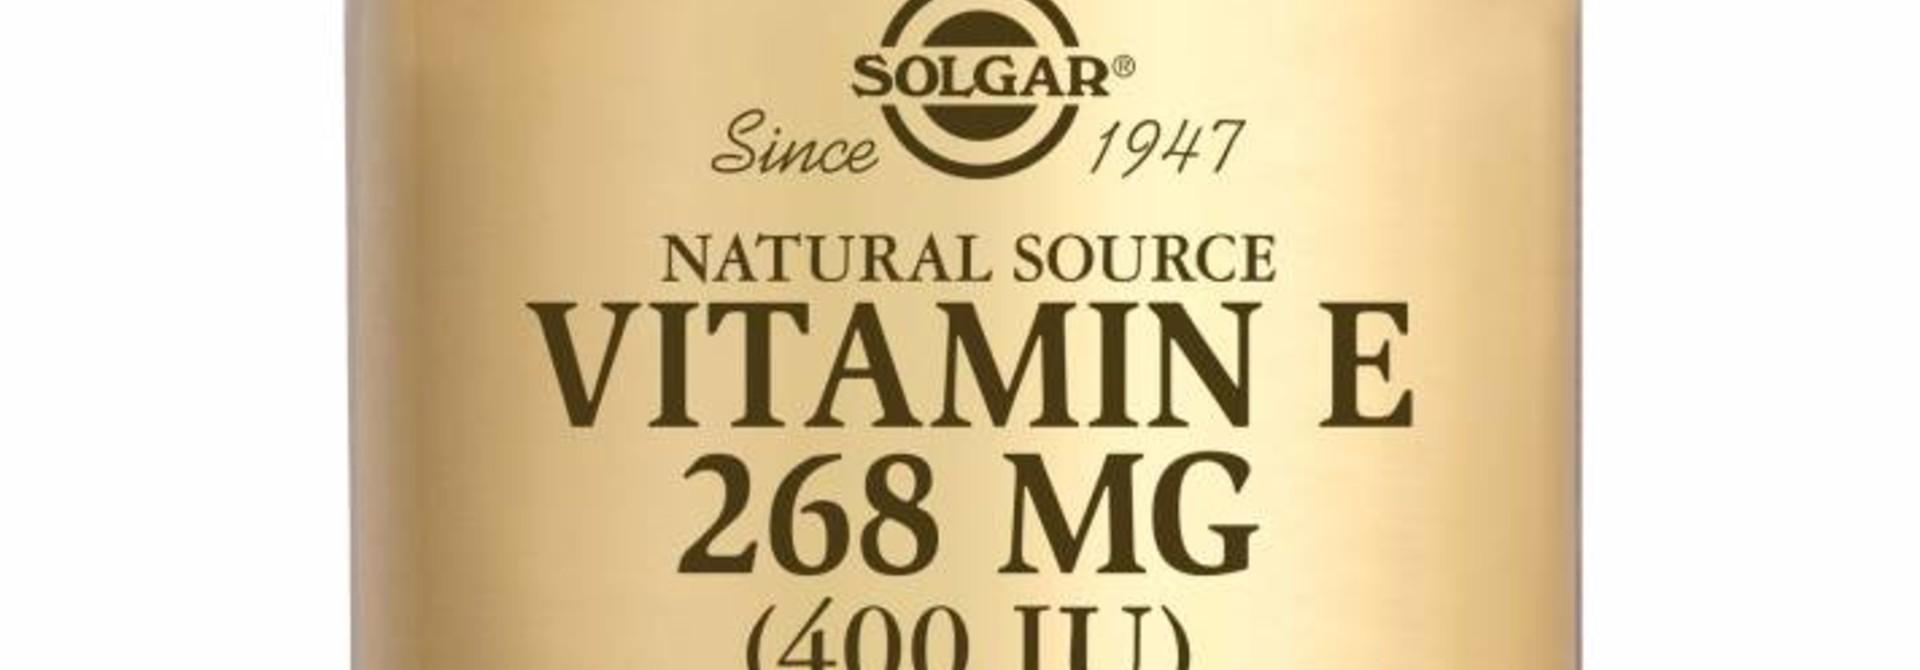 Vitamin E 268 mg/400 IU Complex 100 softgels